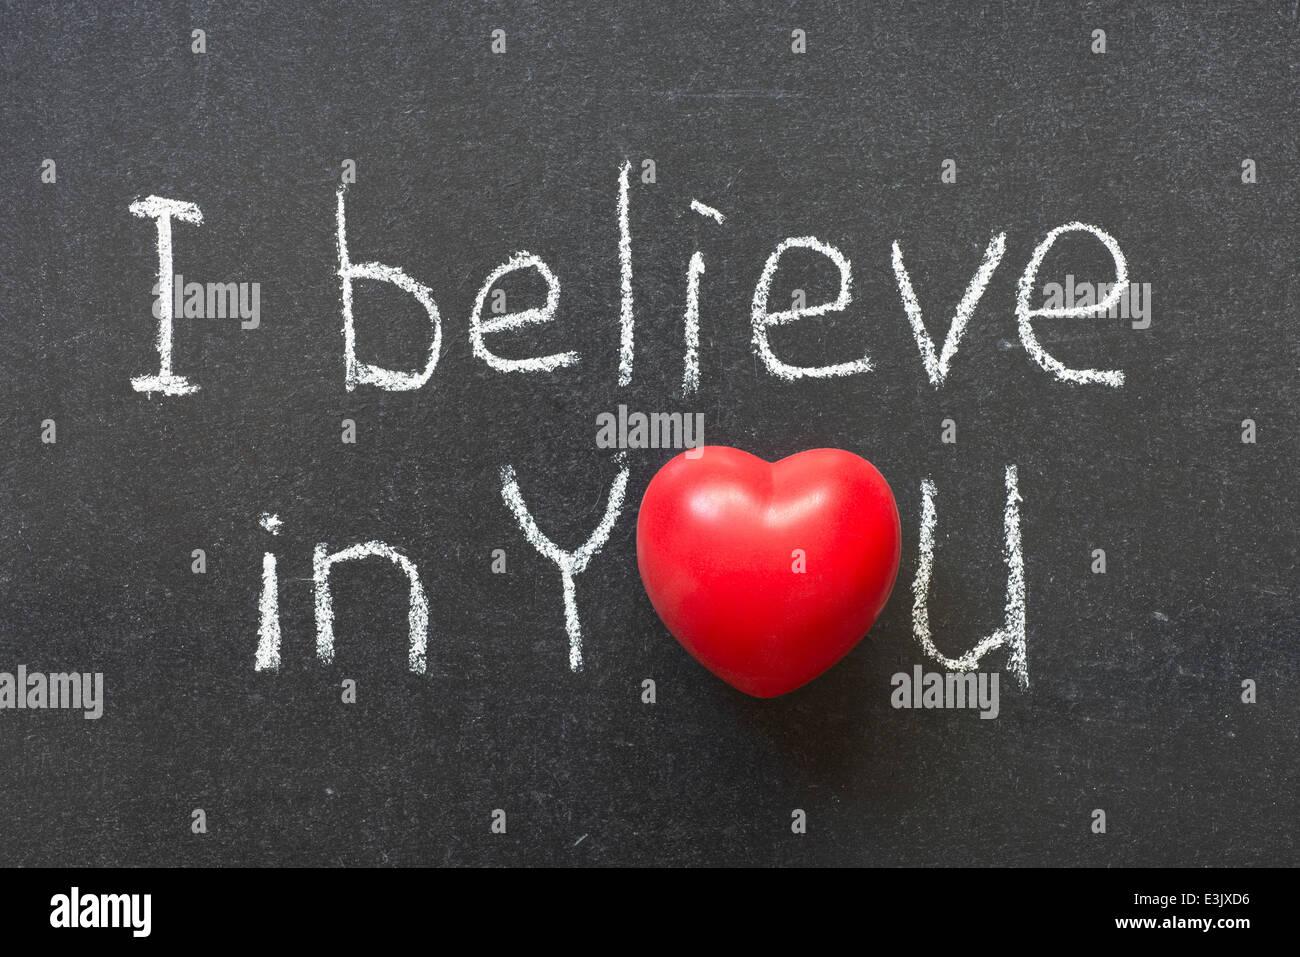 I Believe In You Phrase Handwritten On Chalkboard With Heart Symbol